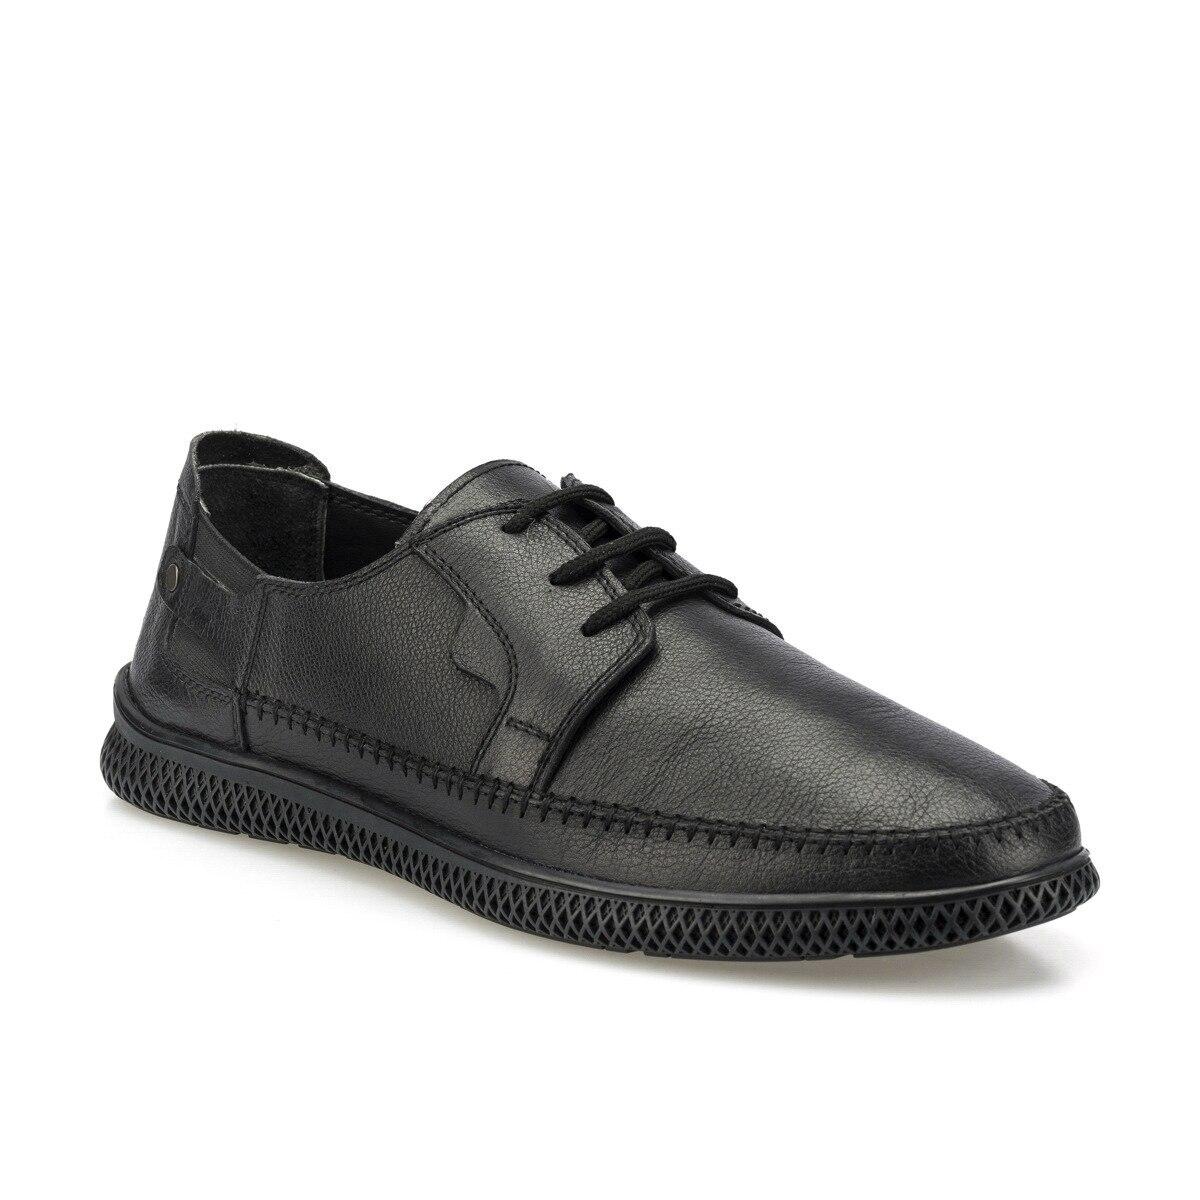 FLO 102071.M zapatos cómodos negros Polaris 5 puntos